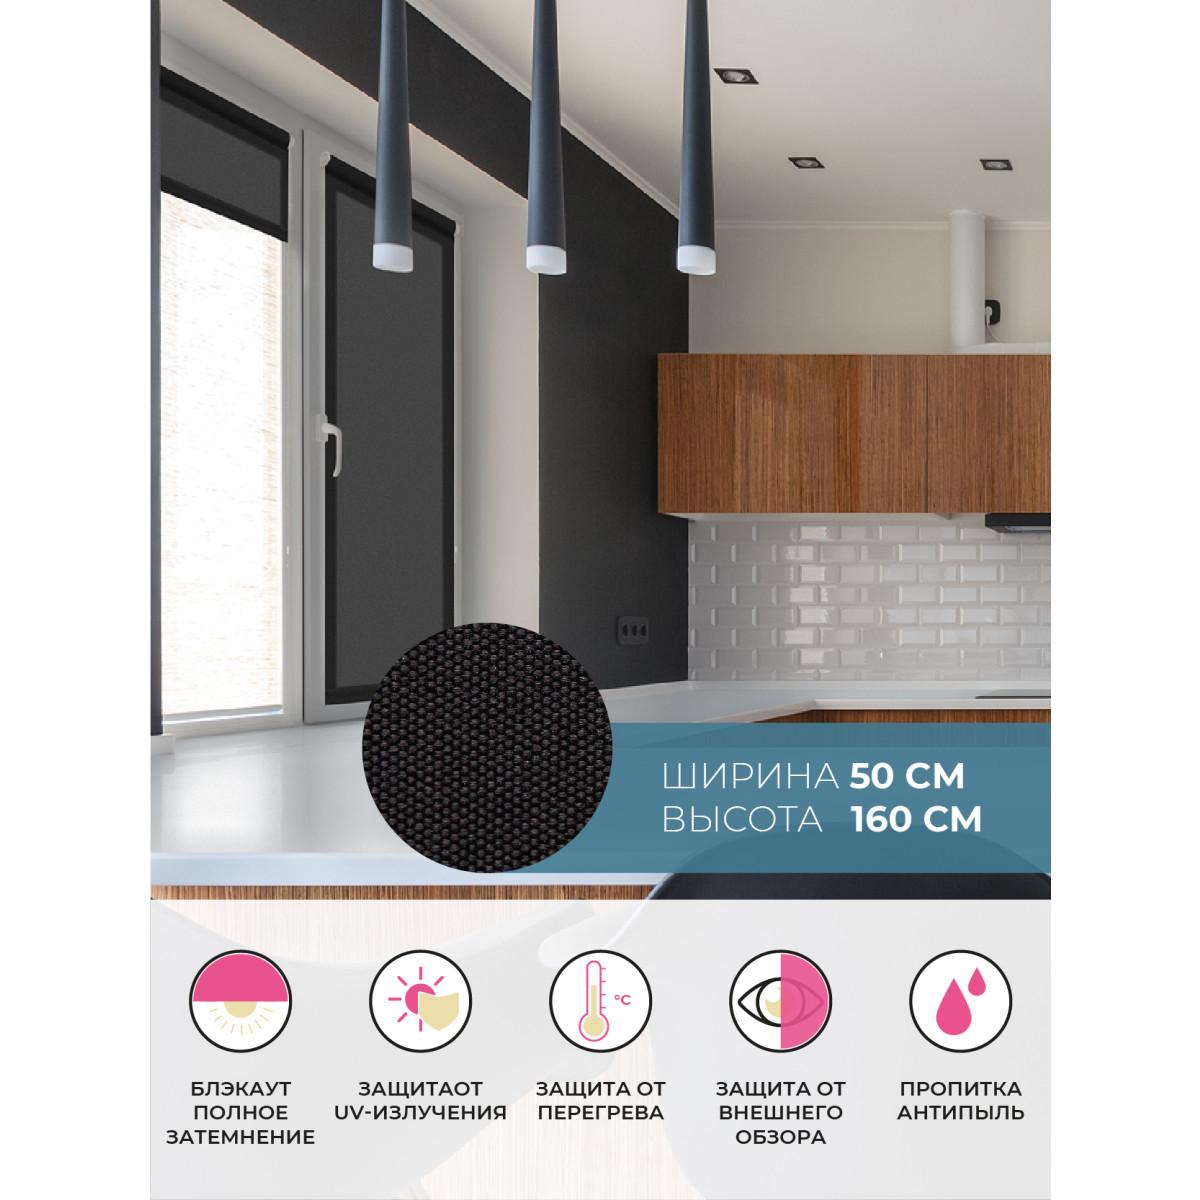 Рулонная Ора Decofest Блэкаут Плайн 50Х160 Цвет Черный